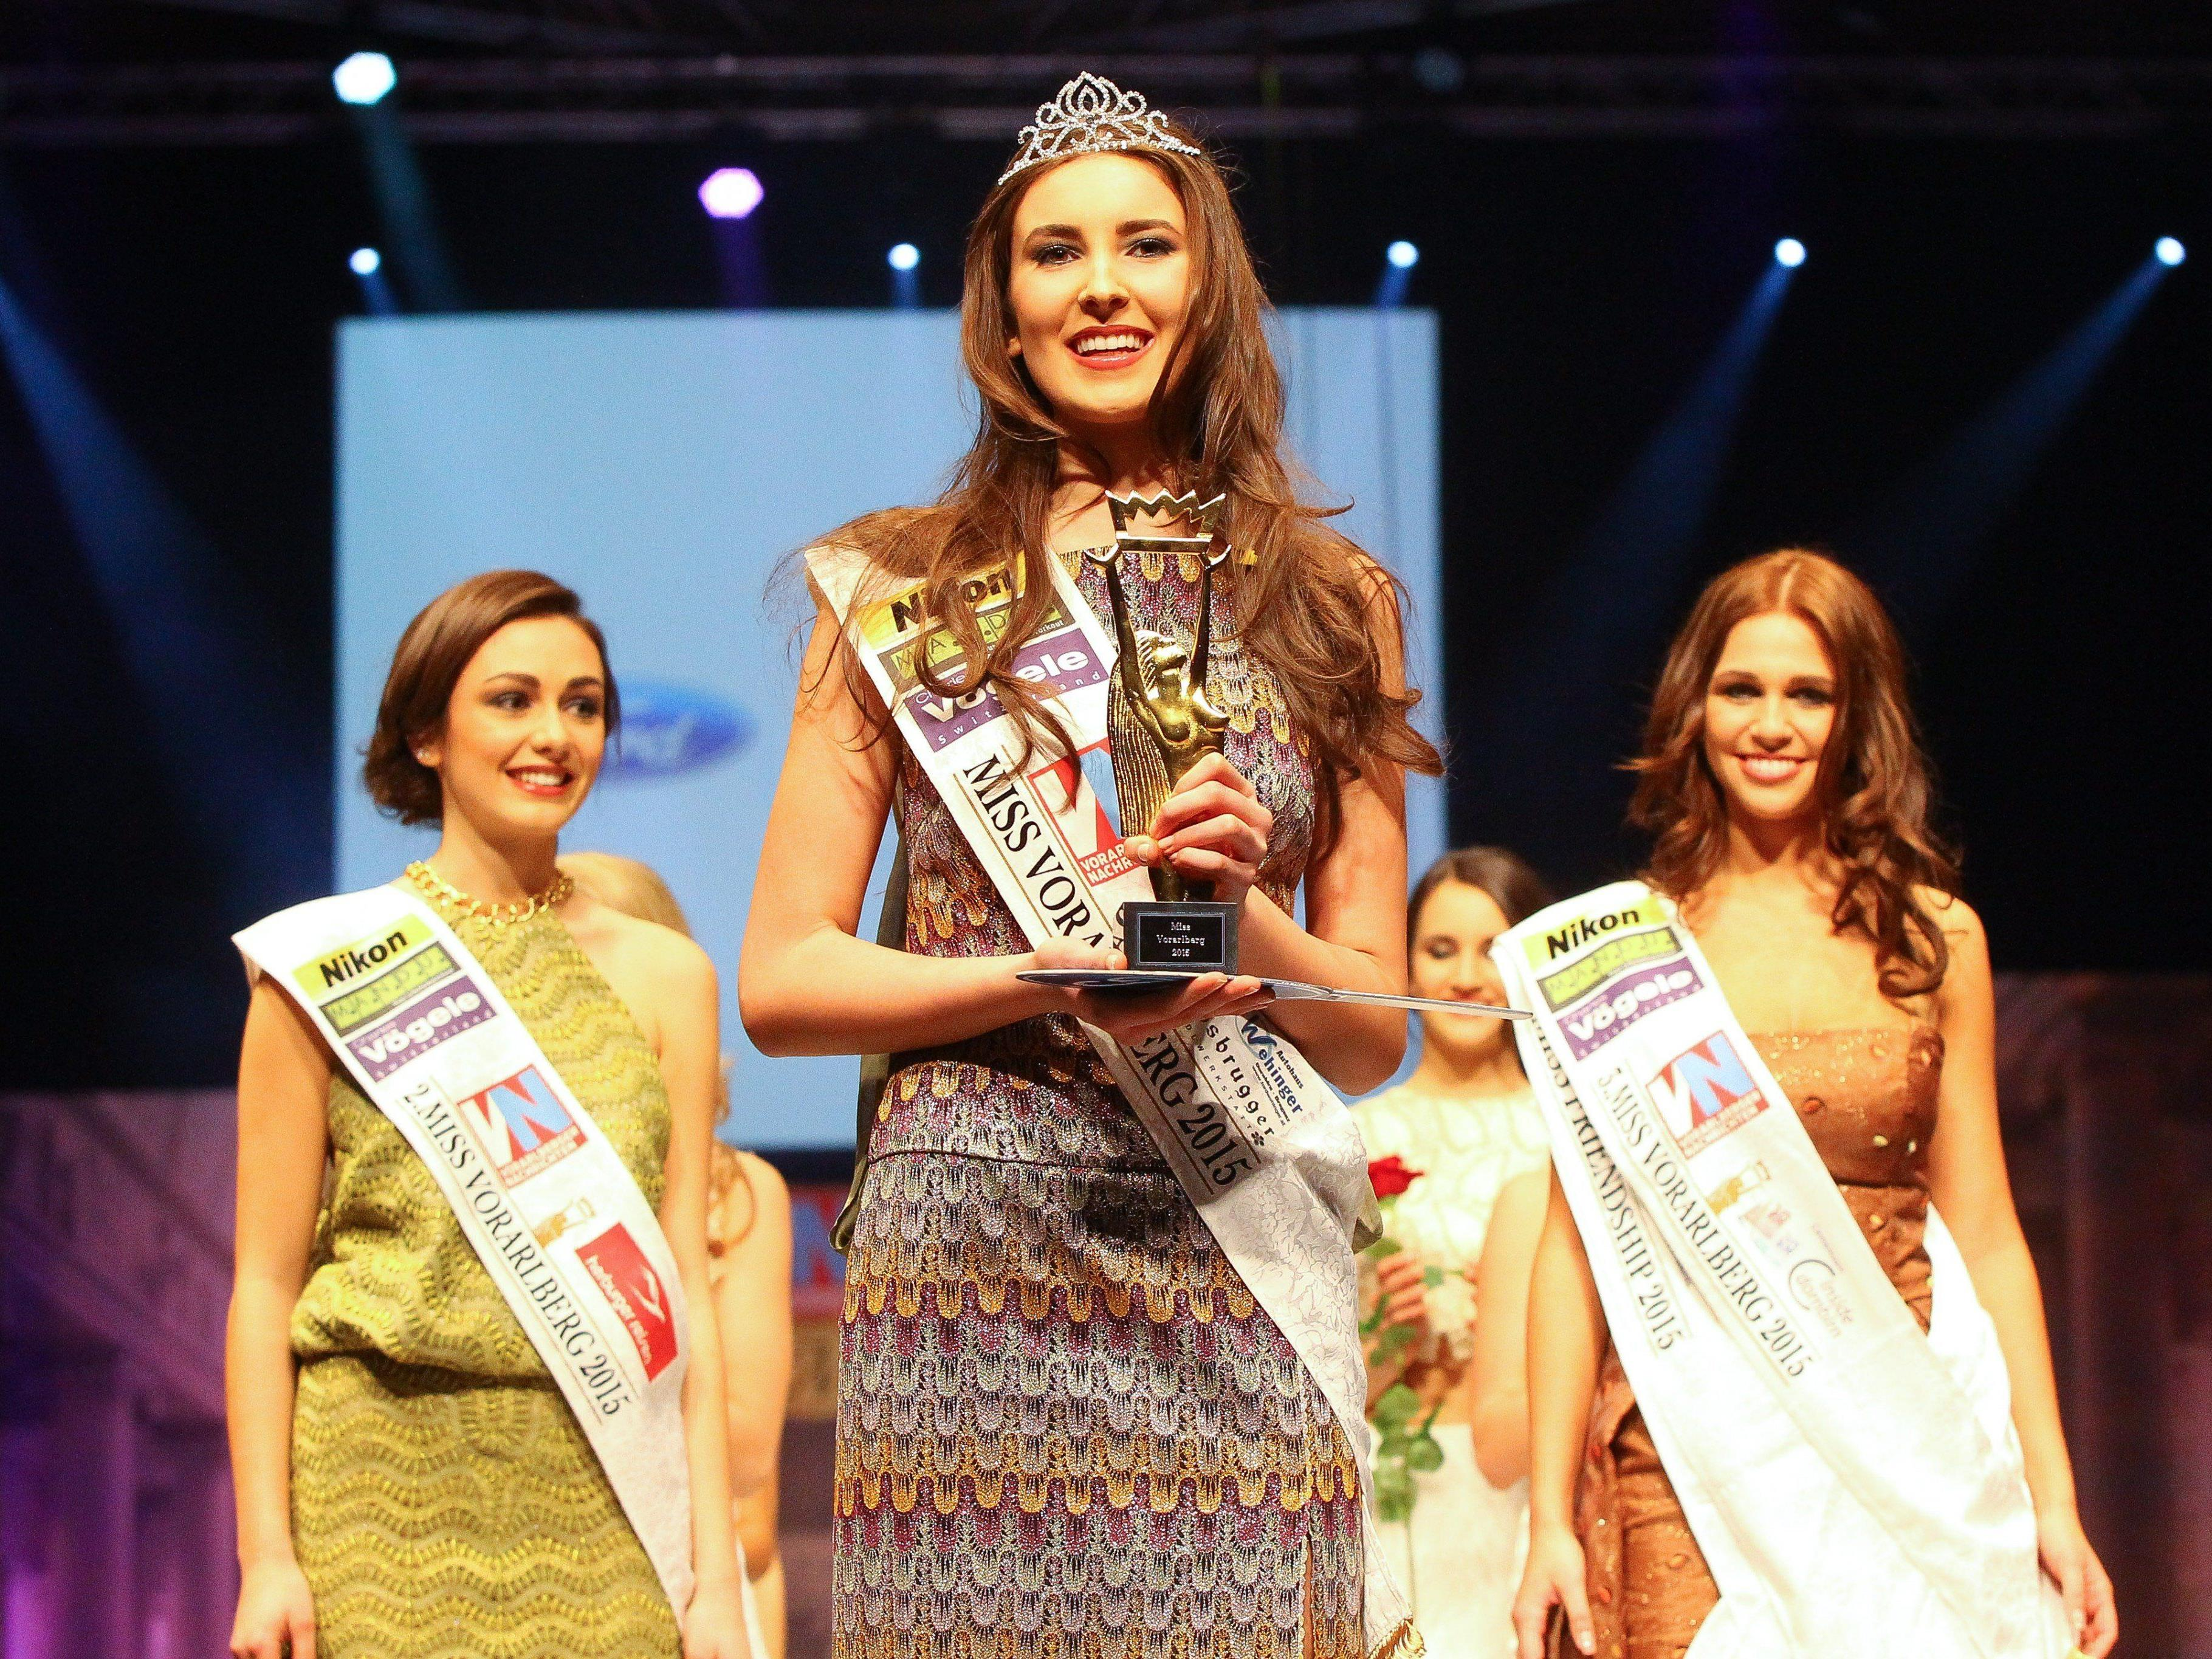 Olivera (17) aus Hohenems ist Miss Vorarlberg 2015.